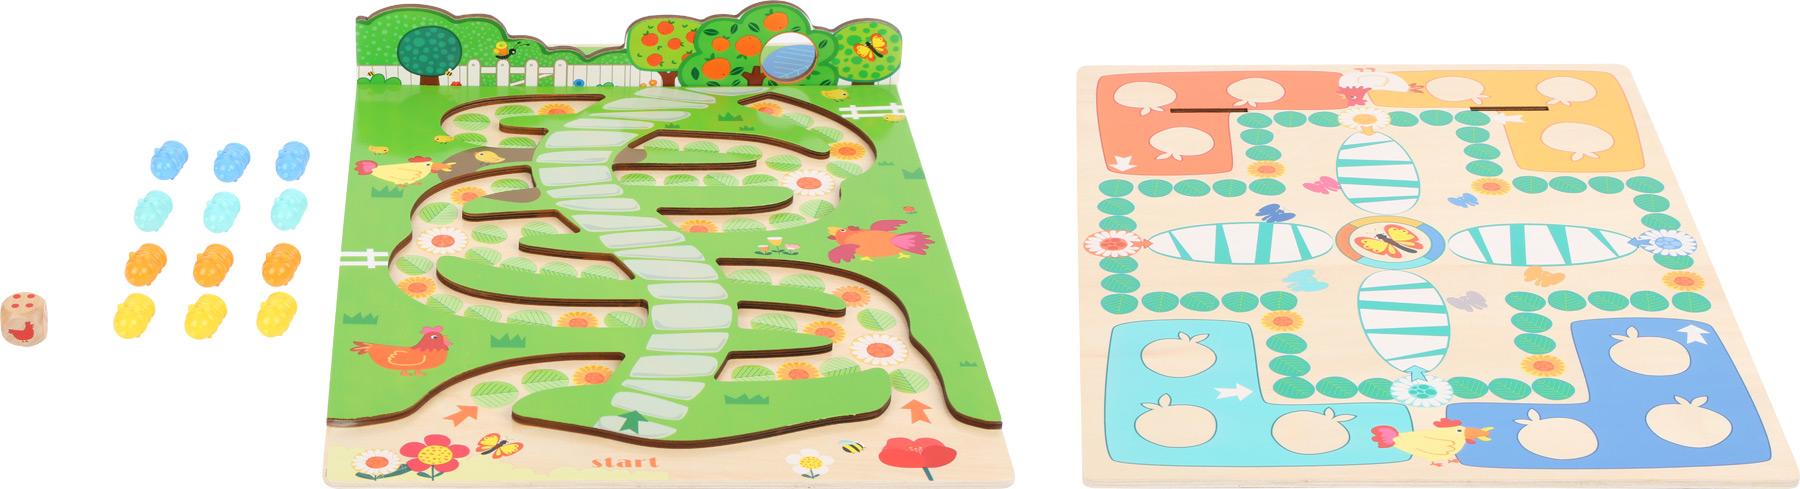 Small Foot Dřevěná hra 2 v 1 hravé housenky